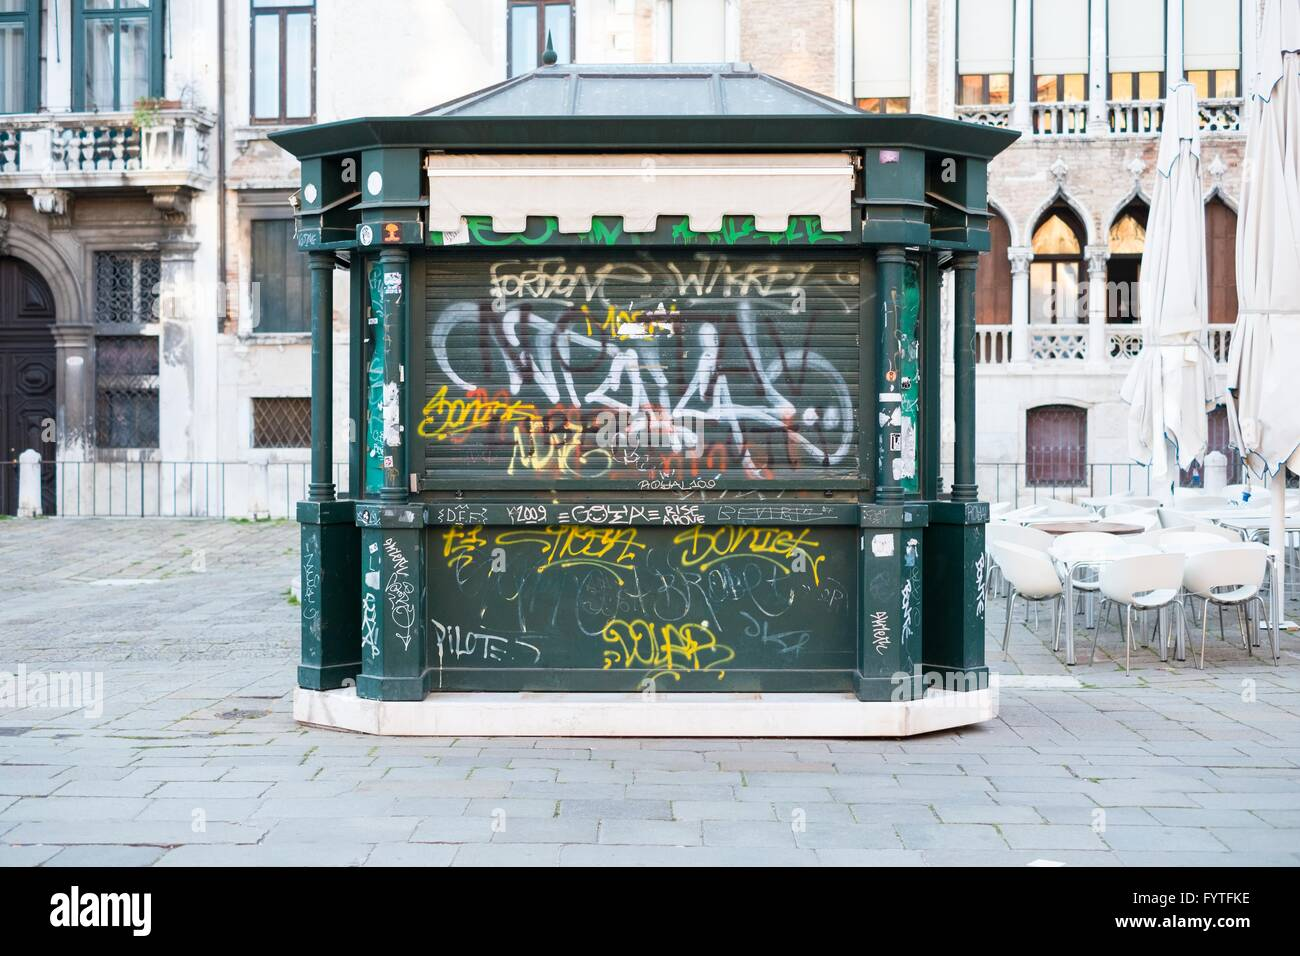 Graffiti sur un kiosque cadeau touristique, Venise, Photo Stock